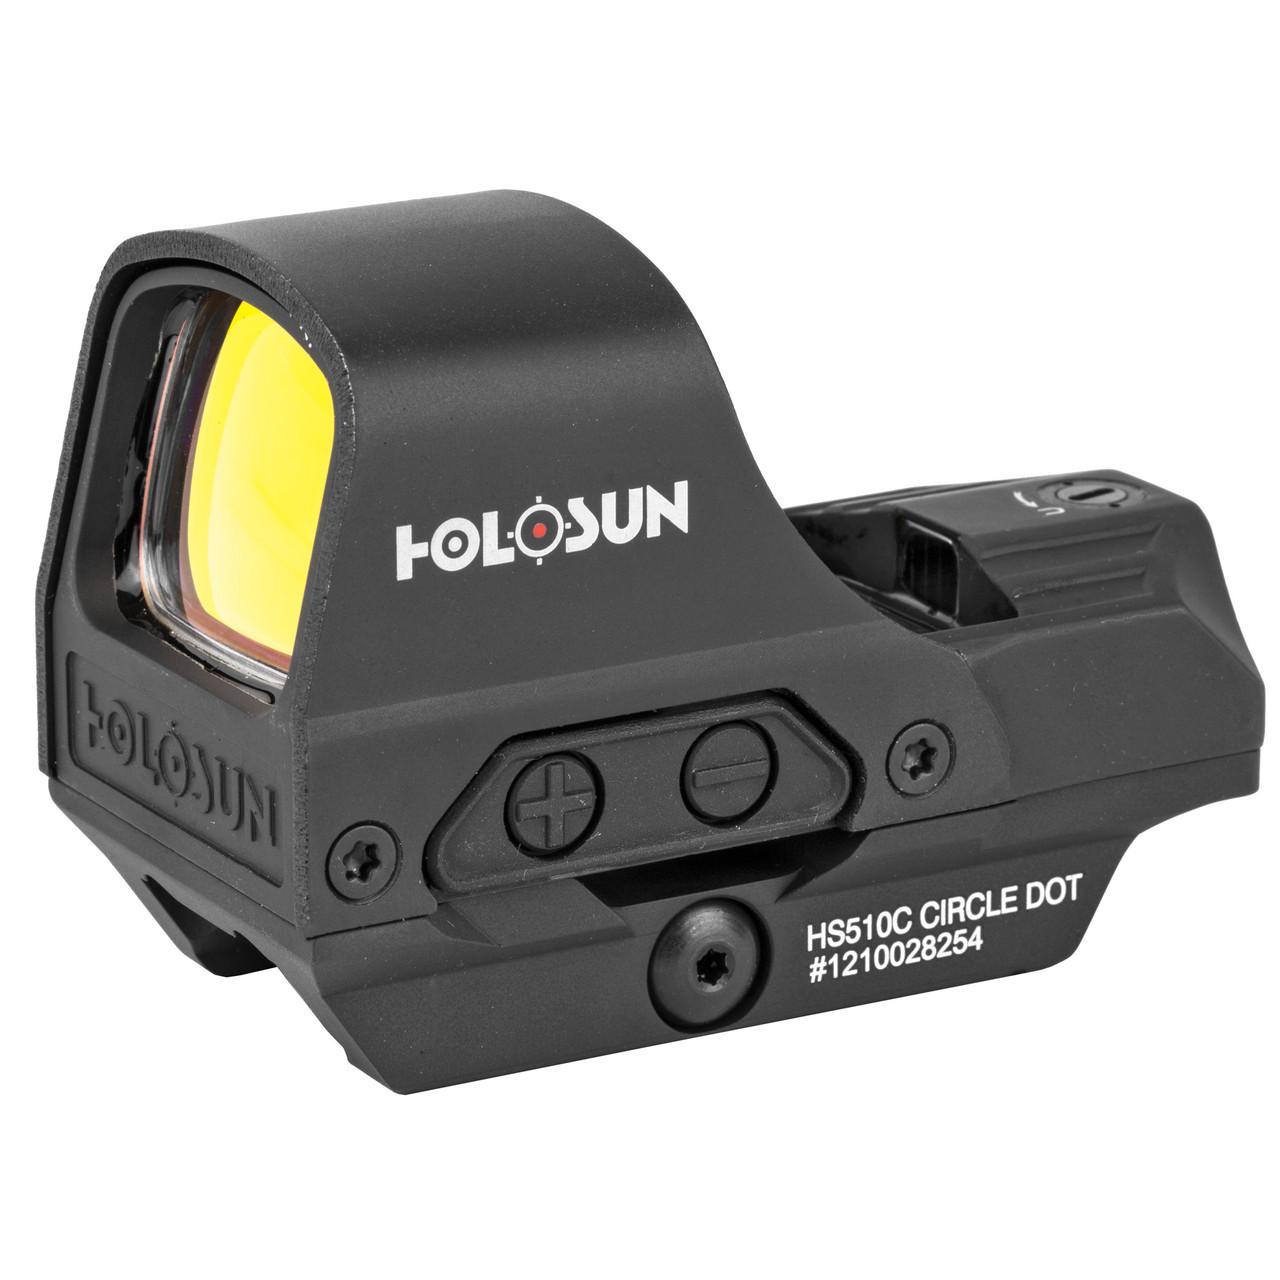 Holosun HS510C Open Reflex Solar w/ Internal Battery, Quick Release Dot Left Side View